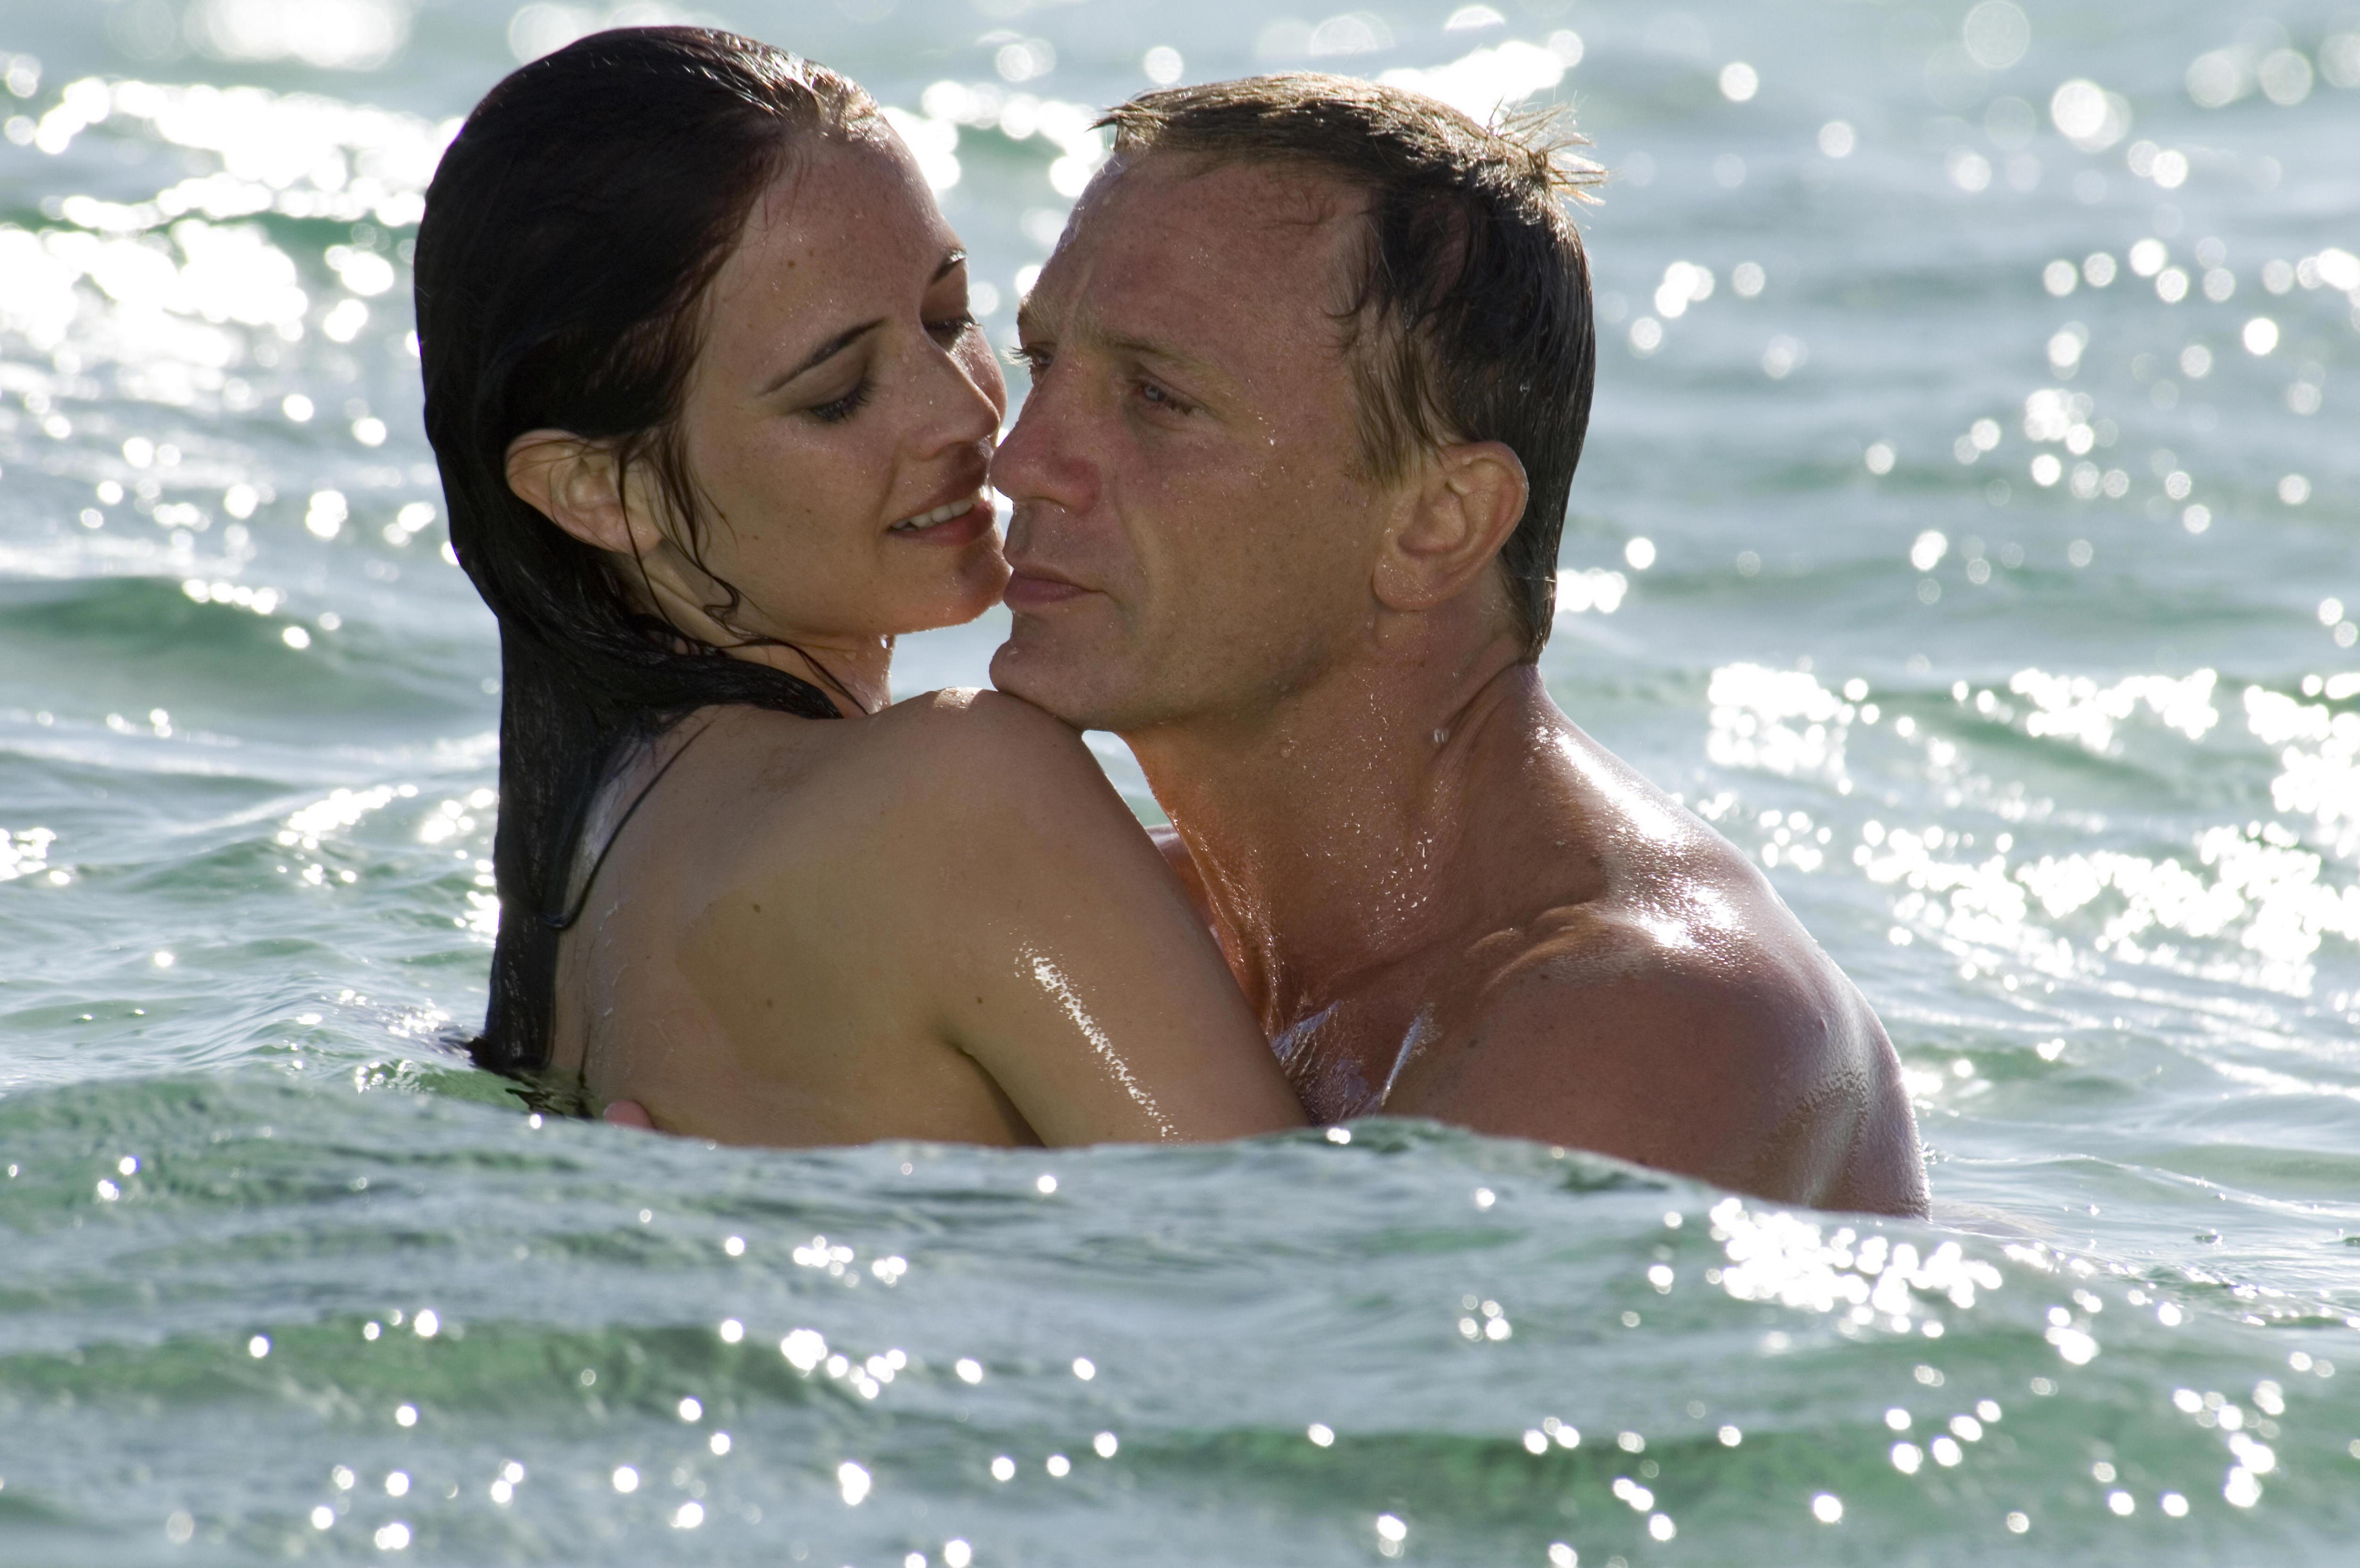 007 ジェームズボンドと海の壁紙